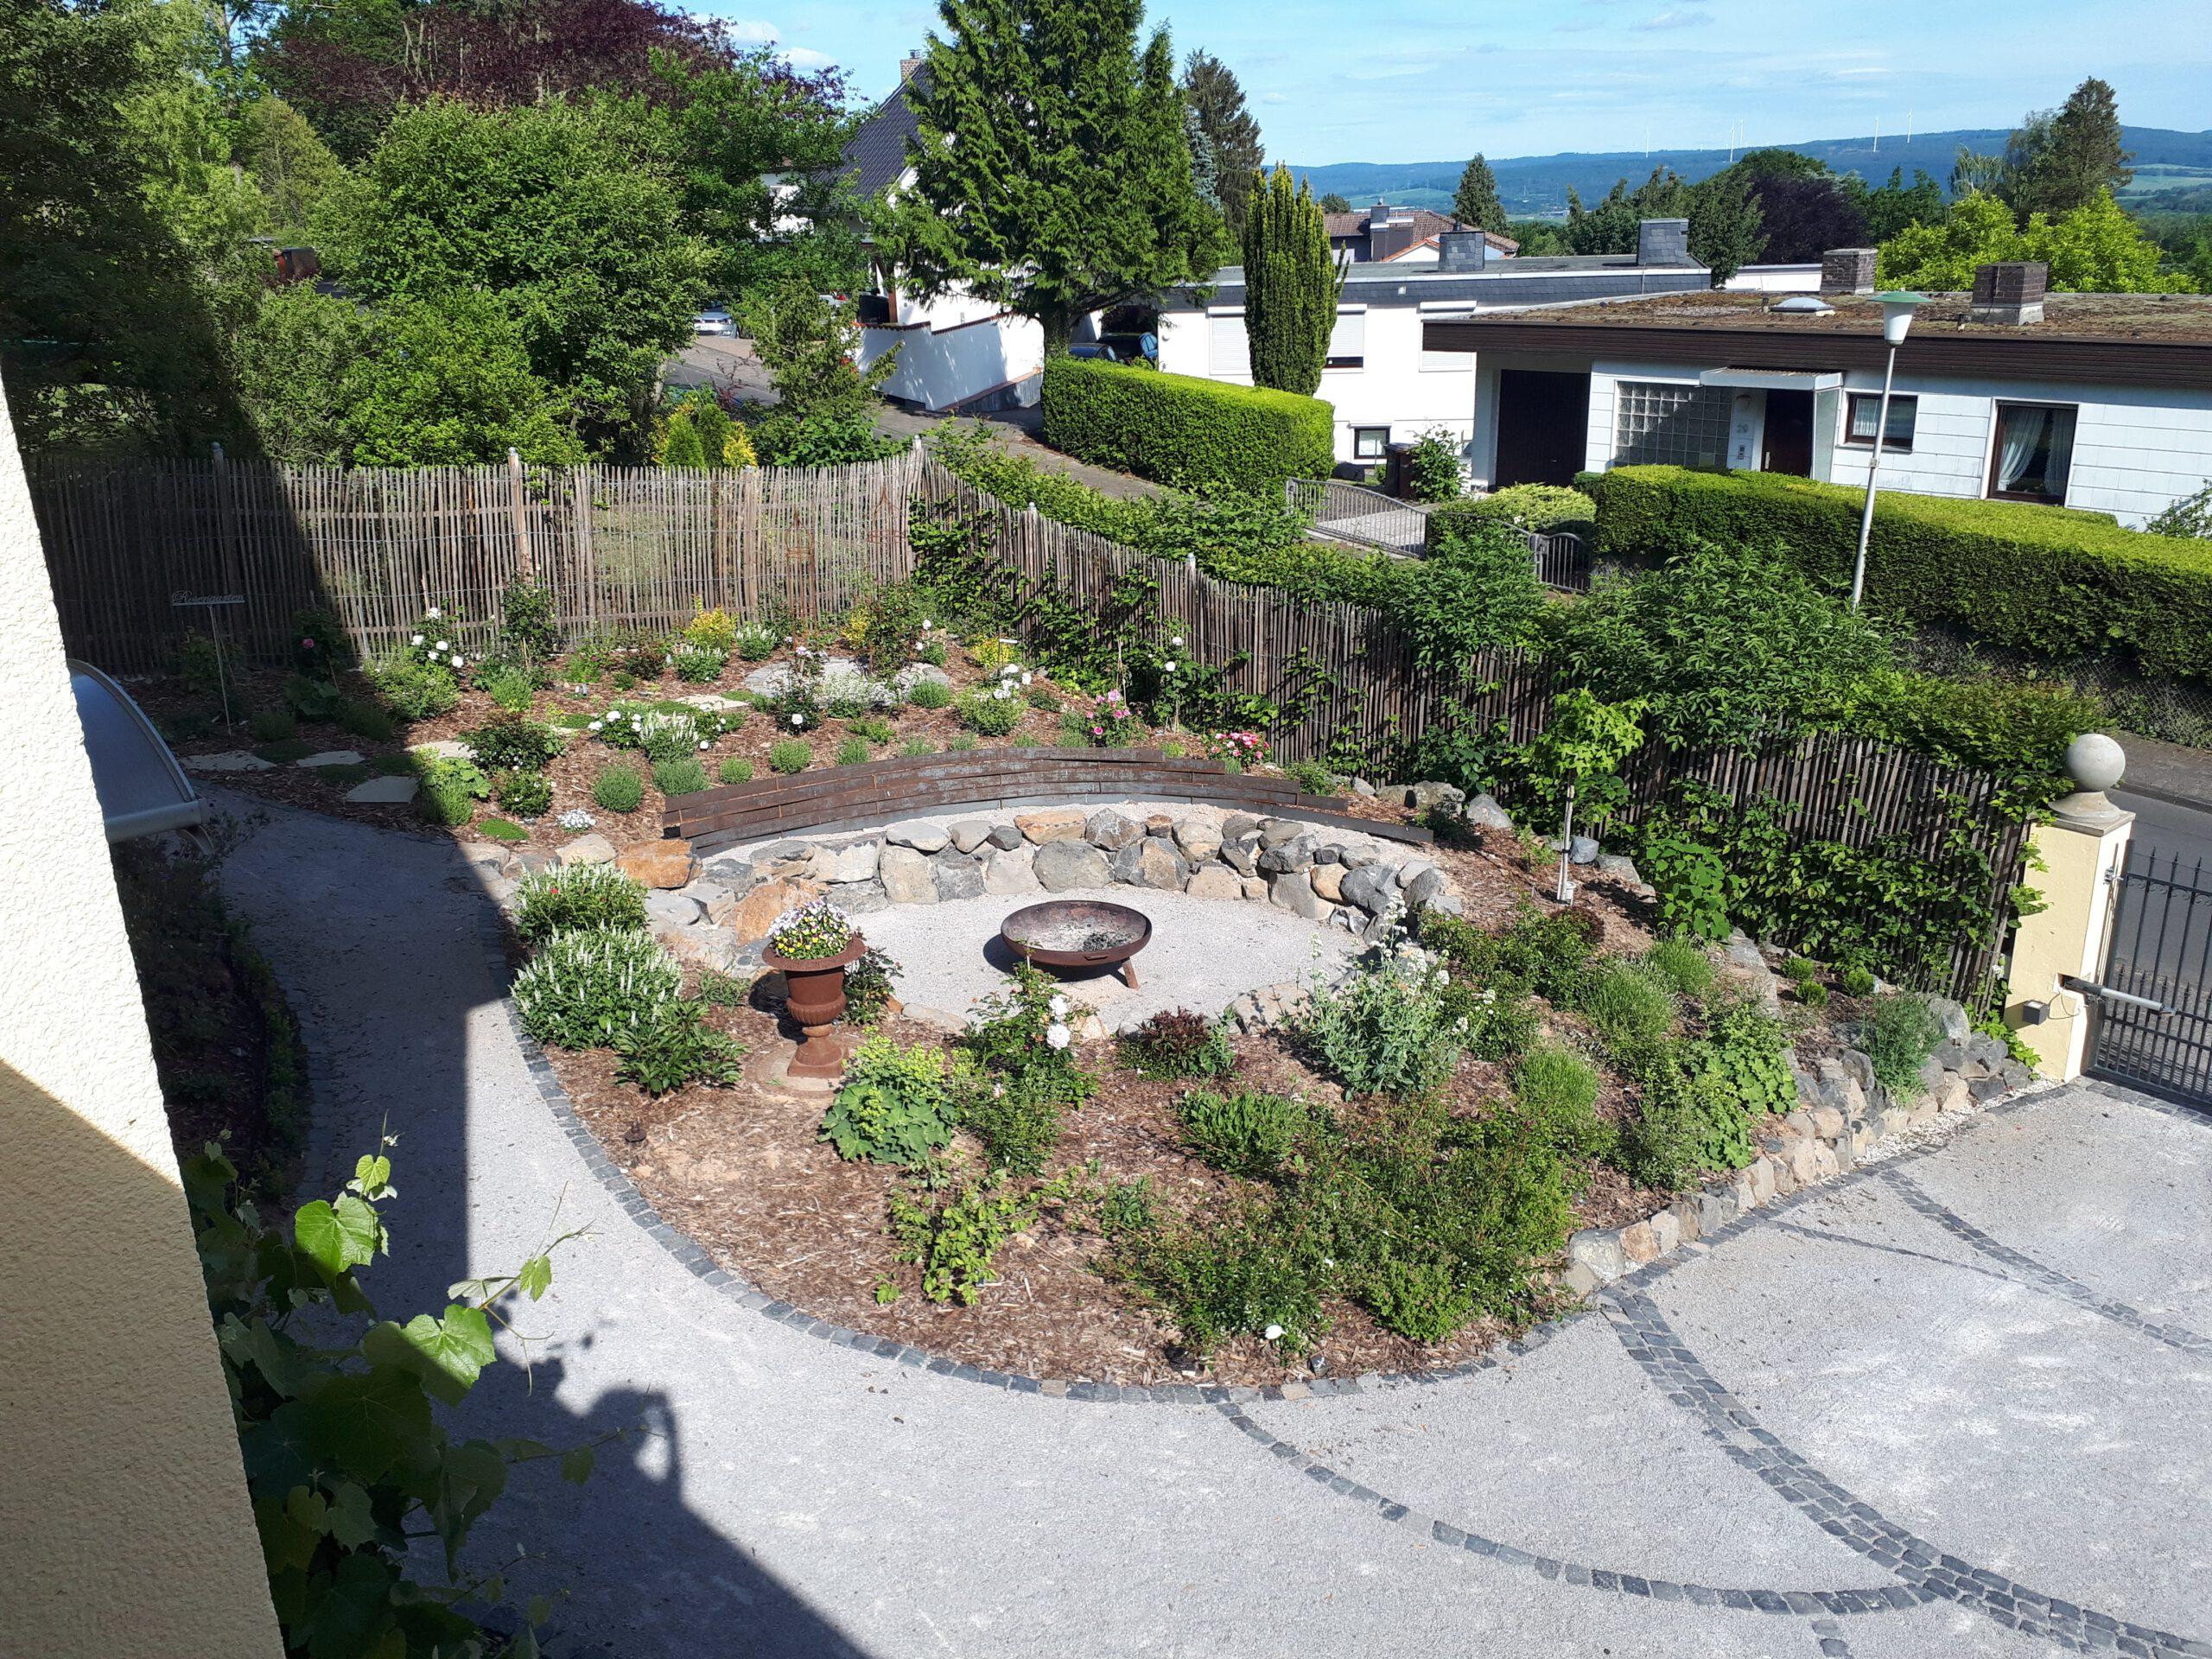 Meine Rosensorten sind primär im Rosengarten rund um den Senkgarten gepflanzt. Aber auch im übrigen Garten sind natürlich an einigen Stellen Rosen zu finden.